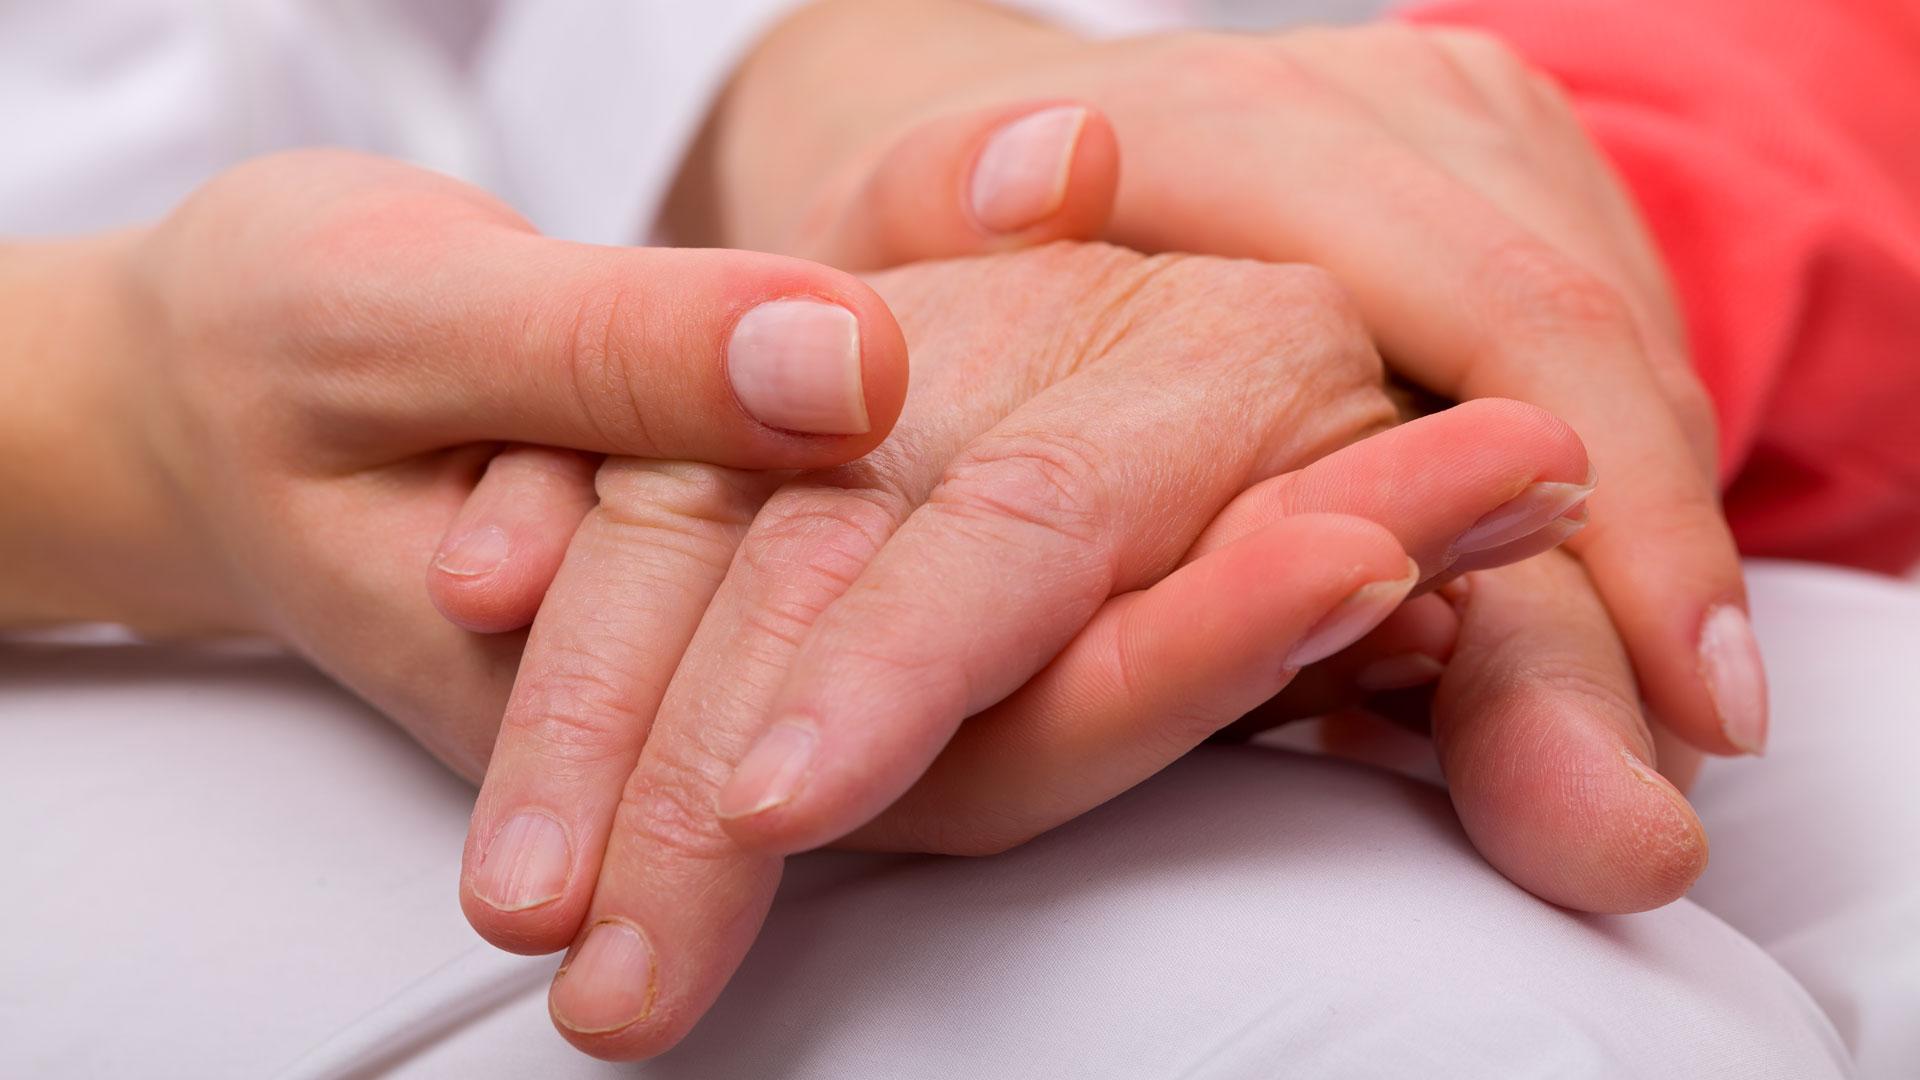 La enfermedad suele confundirse con Parkinson